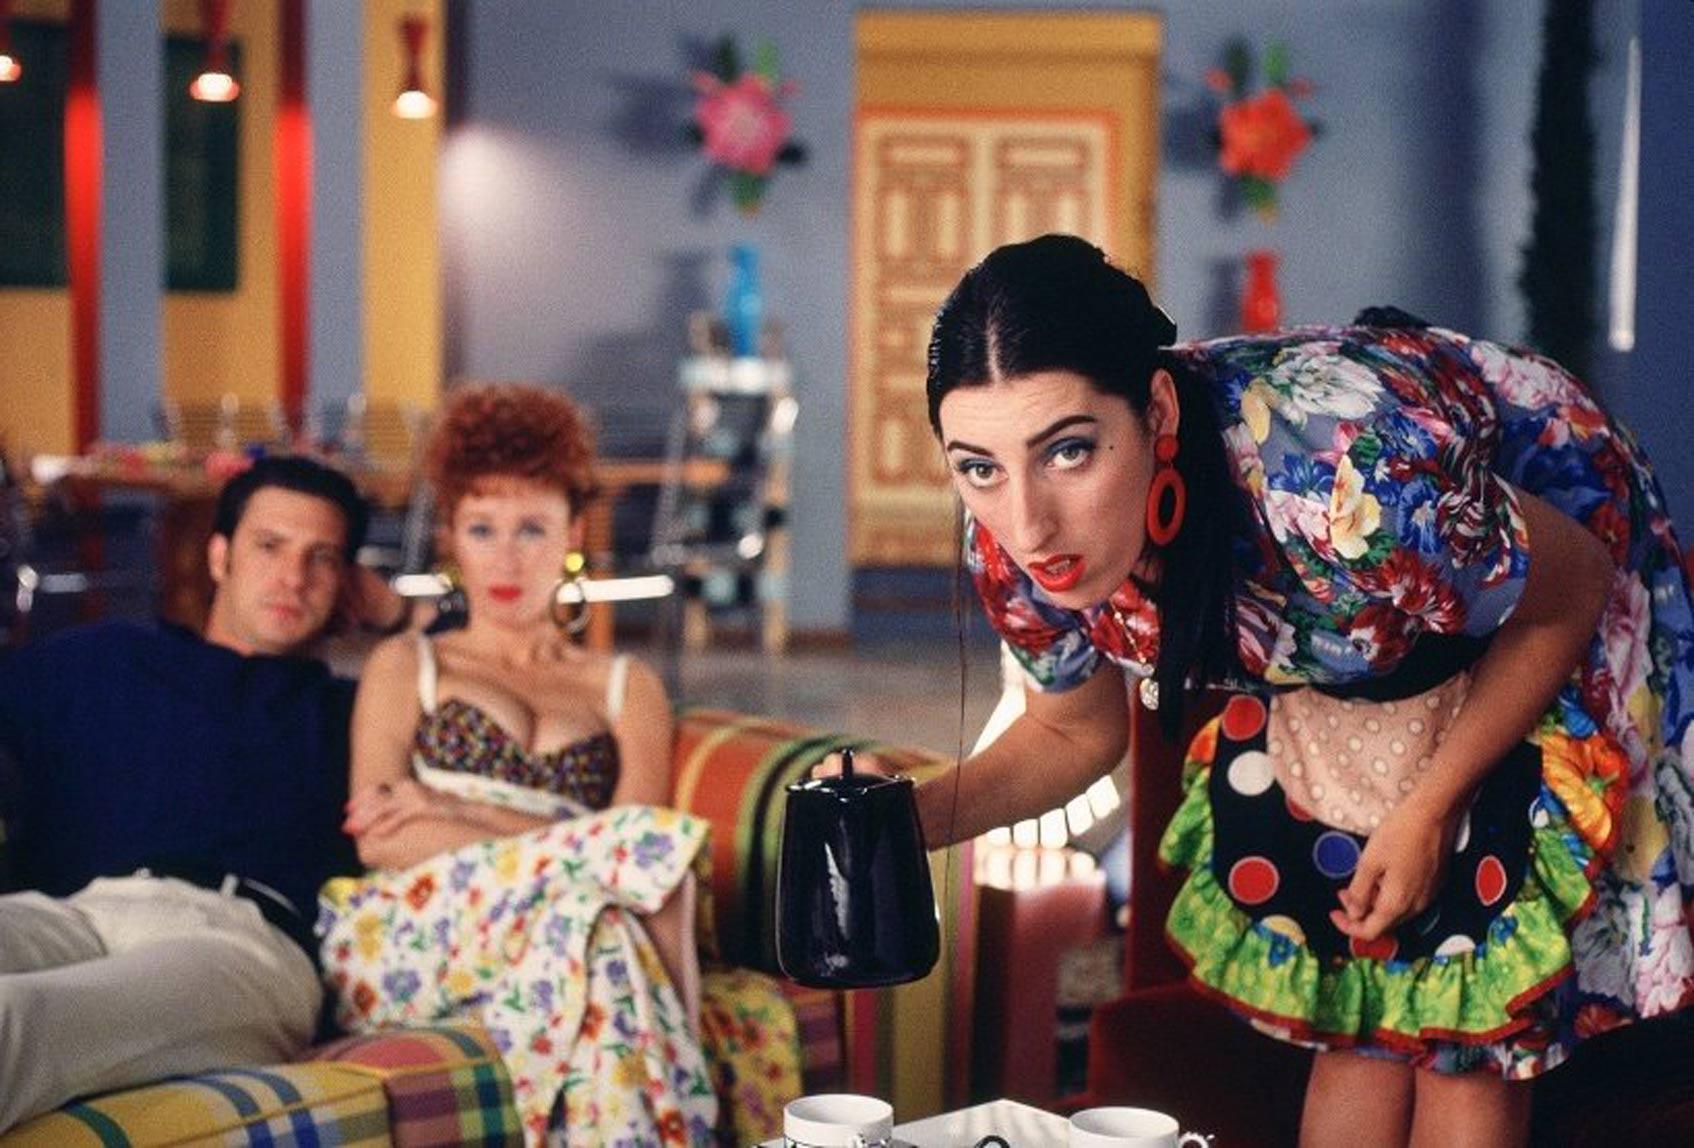 Джанни Версаче мода 90-х